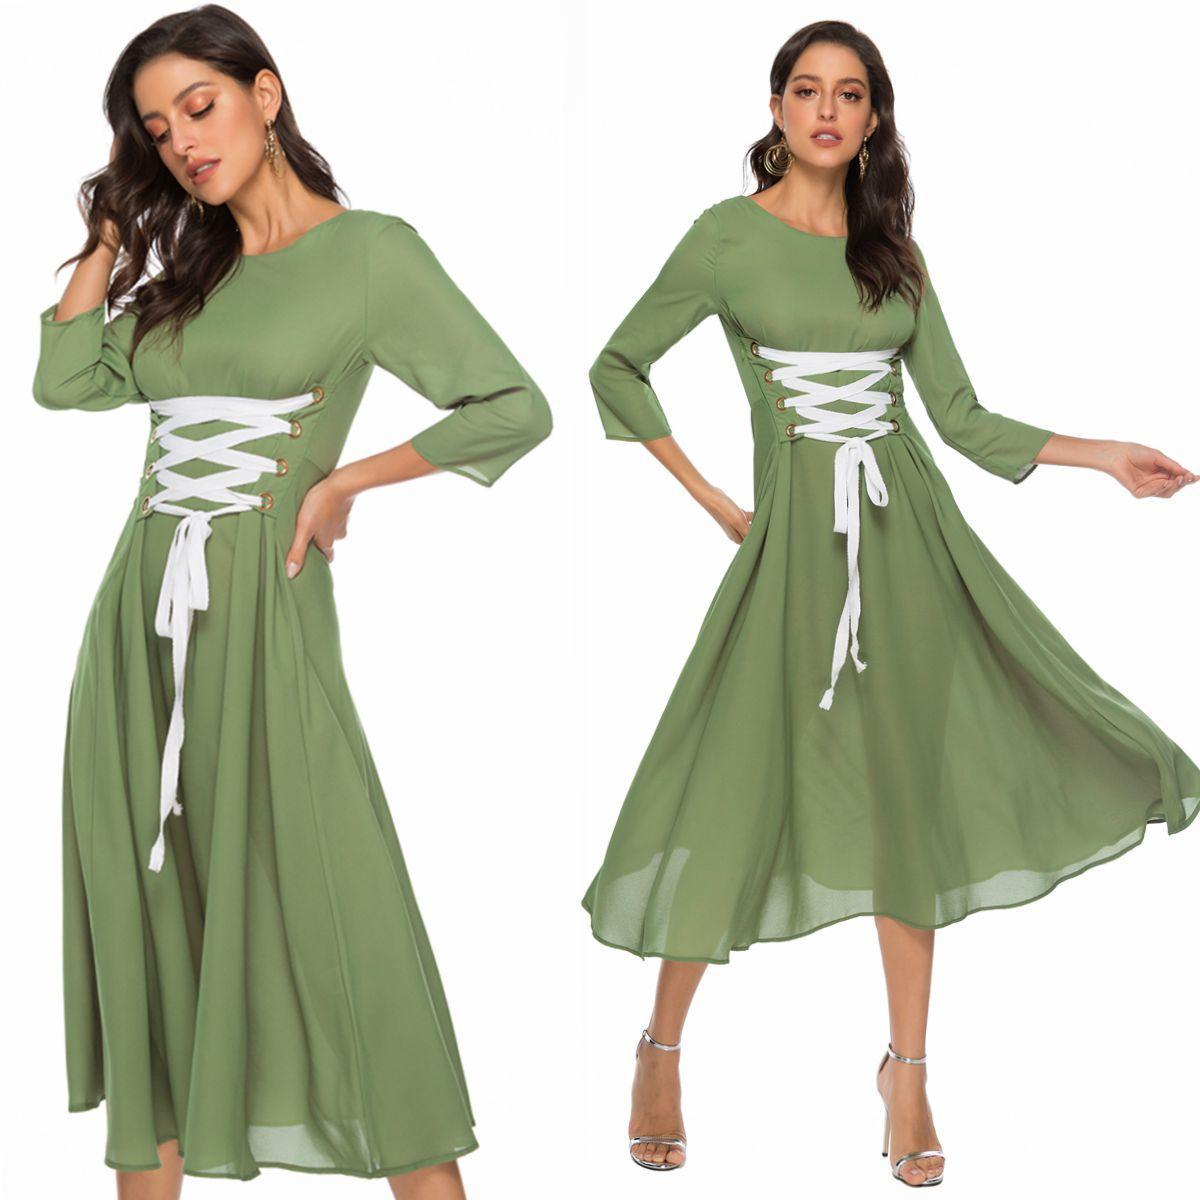 Frauen kleid olivgrün rundhals einzigartige bandage casual midi mode  charmante party abend damen kleider 13